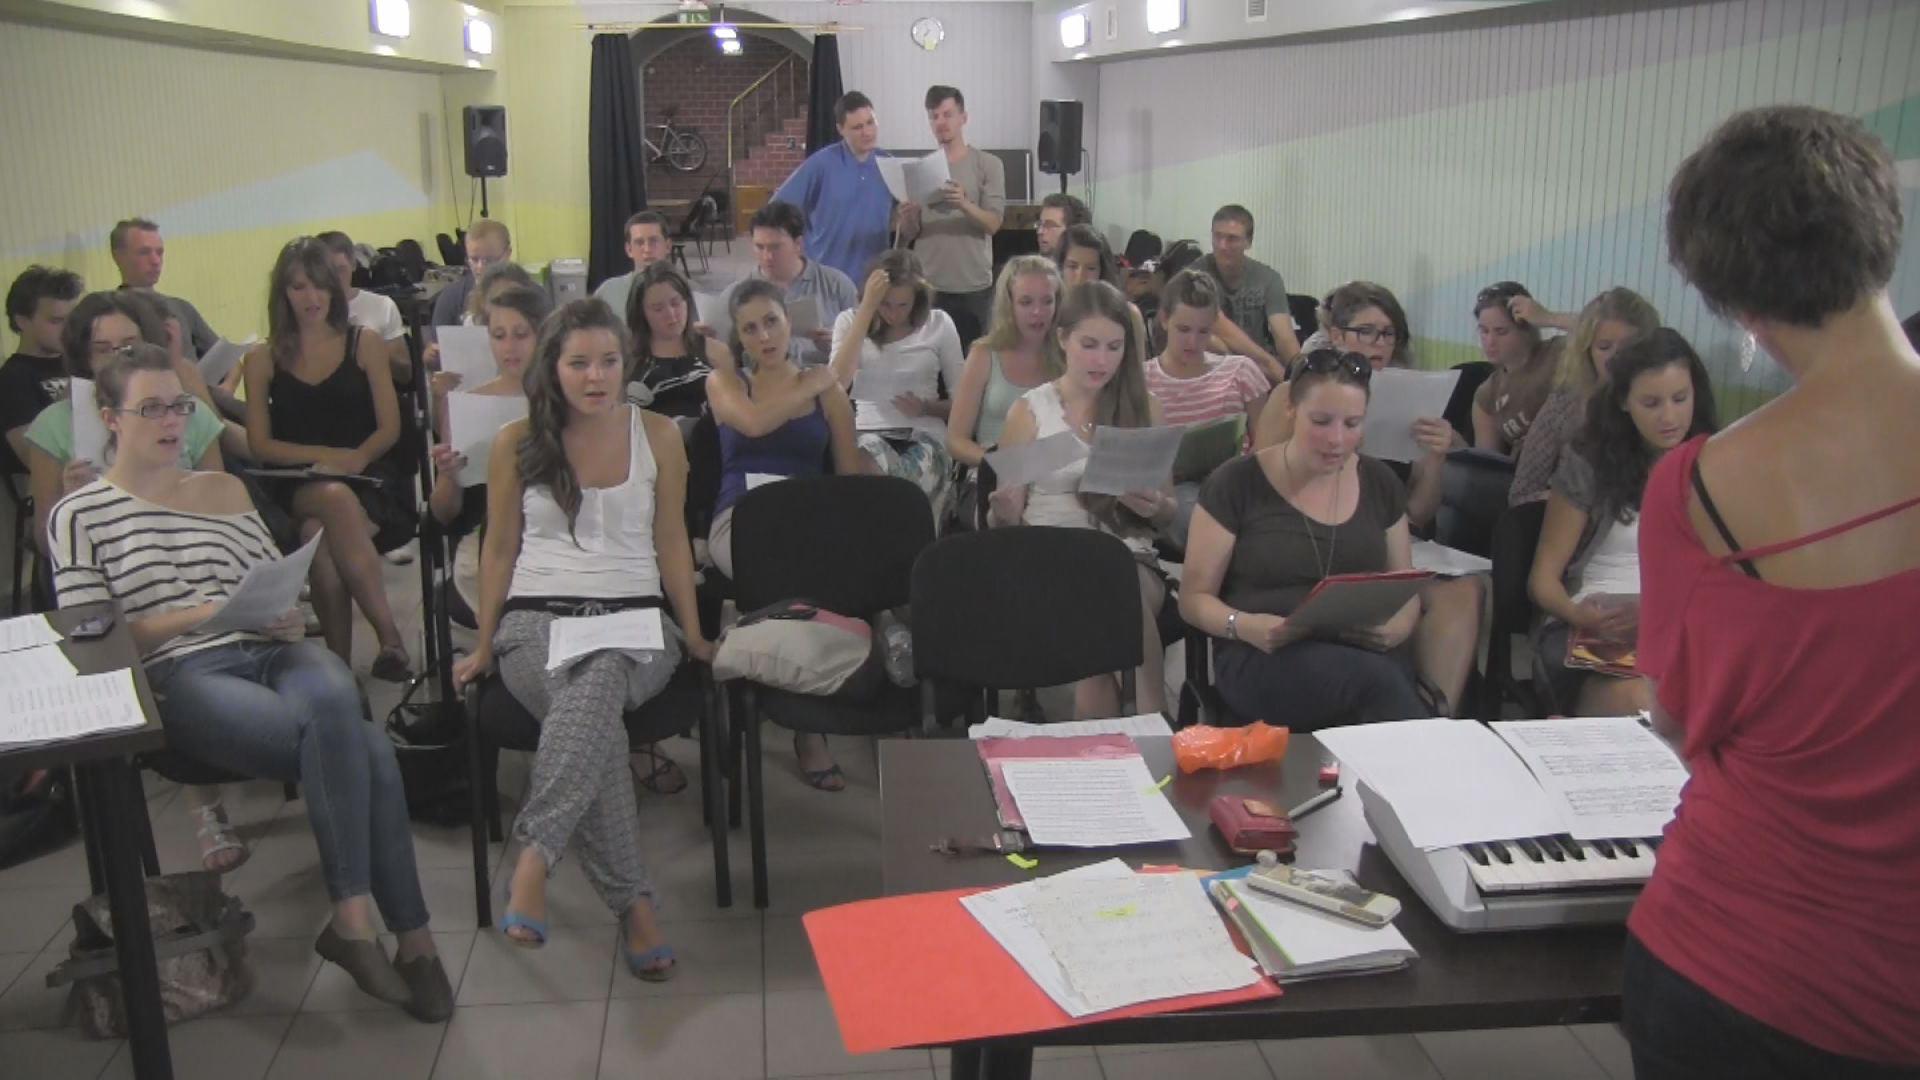 Kaszting: amerikai műfaj alapjait teszi le a showkórus